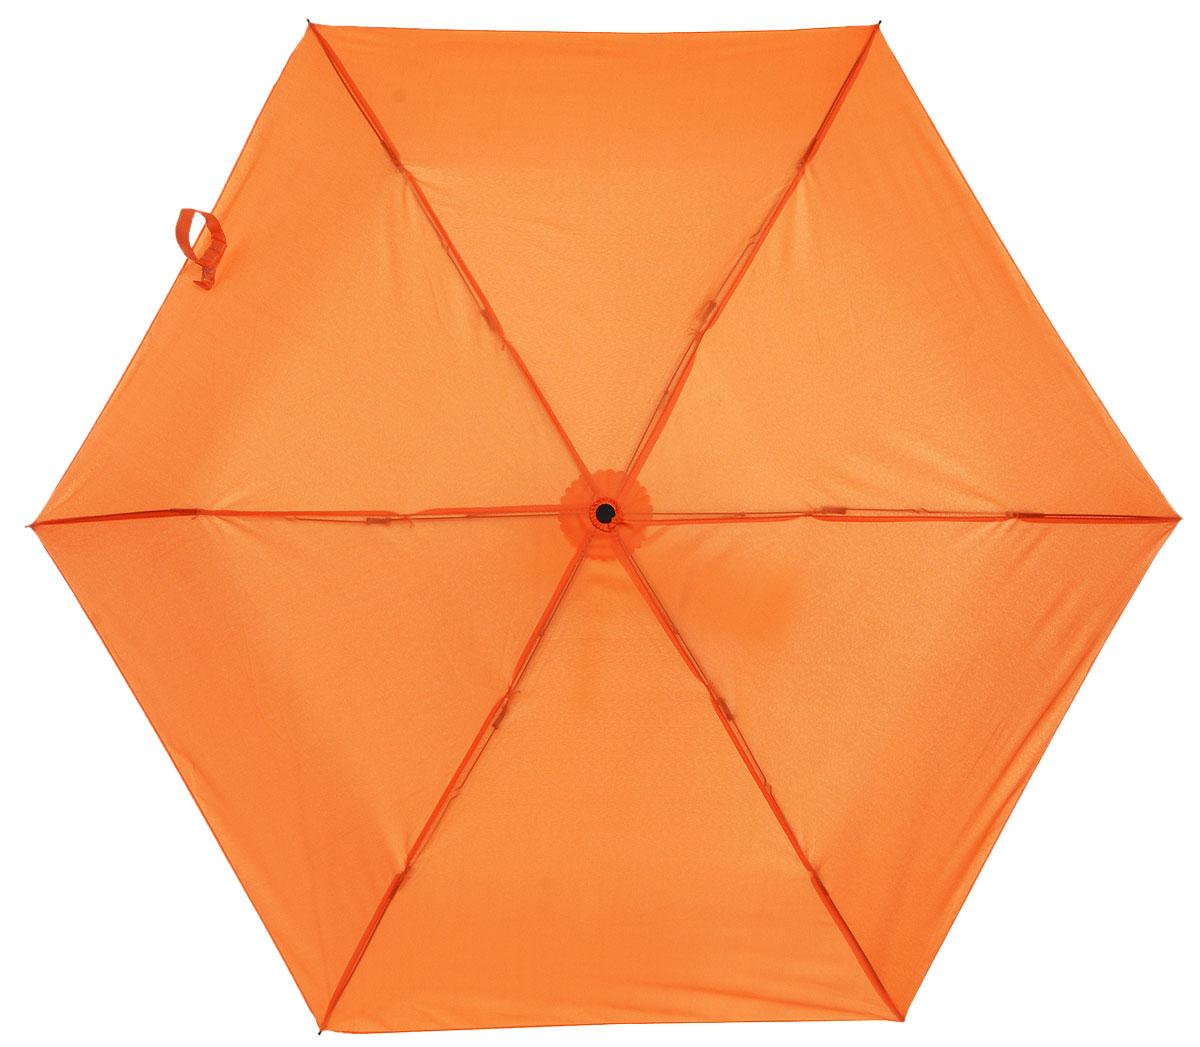 Зонт детский Эврика Морковка, механика, 2 сложения, цвет: цвет: оранжевый. 9677496774Оригинальный и яркий детский зонт Эврика станет замечательным подарком для вашего ребенка. Изделие имеет механический способ сложения: и купол, и стержень открываются вручную до характерного щелчка. Зонт состоит из шести спиц и стержня, изготовленных из металла. Яркий купол выполнен из качественного нейлона, который не пропускает воду. Зонт дополнен чехлом из пластика, имитирующим морковку. Ручка выполнена в виде черенка морковки и дополнена петлей, благодаря которой зонт можно носить на запястье. Компактный пластиковый чехол предохраняет зонт от повреждений. Оригинальный дизайн зонта поднимет настроение не только вам, но и окружающим.